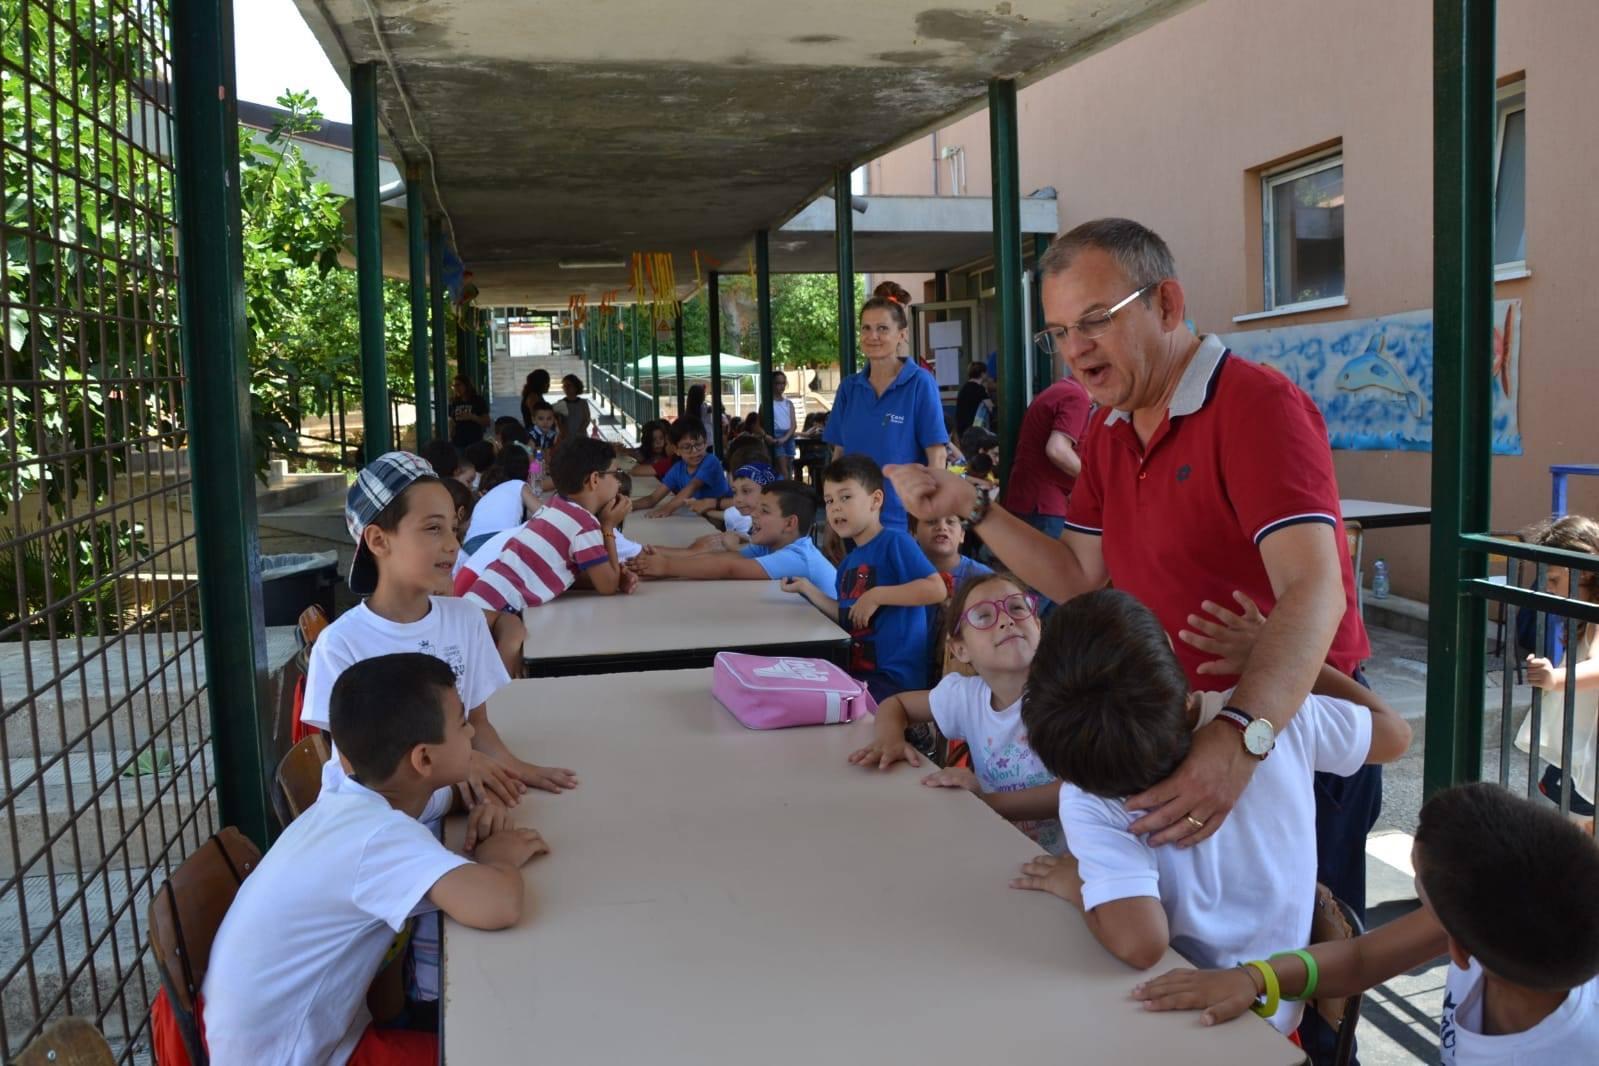 'R...Estate a scuola', progetto a Rosolini grazie al contributo dei privati